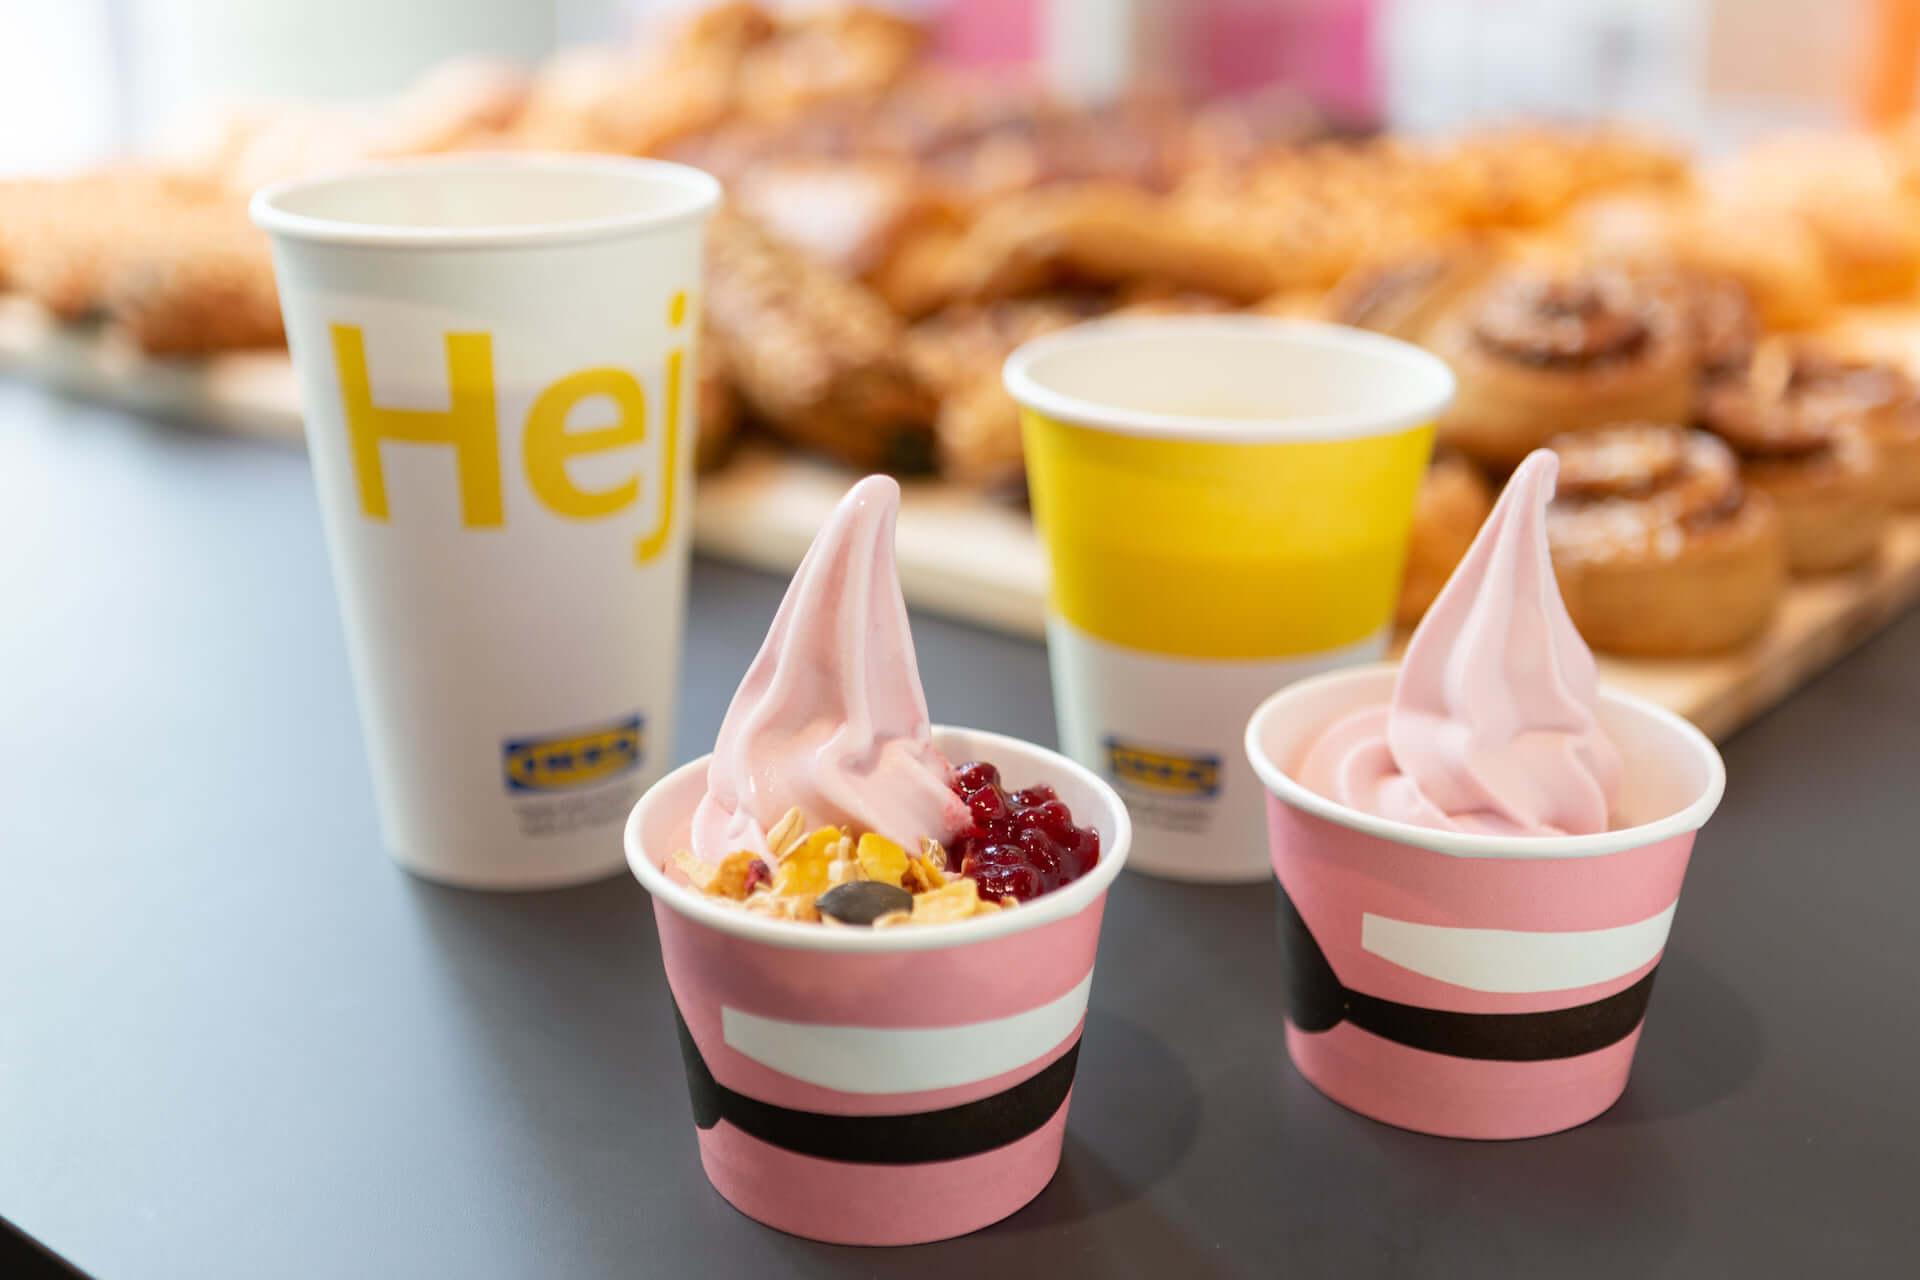 IKEAがついに原宿に登場!WITH HARAJUKUに6月8日オープン決定&内装も一部公開 lf200604_ikea_harajuku_4-1920x1280